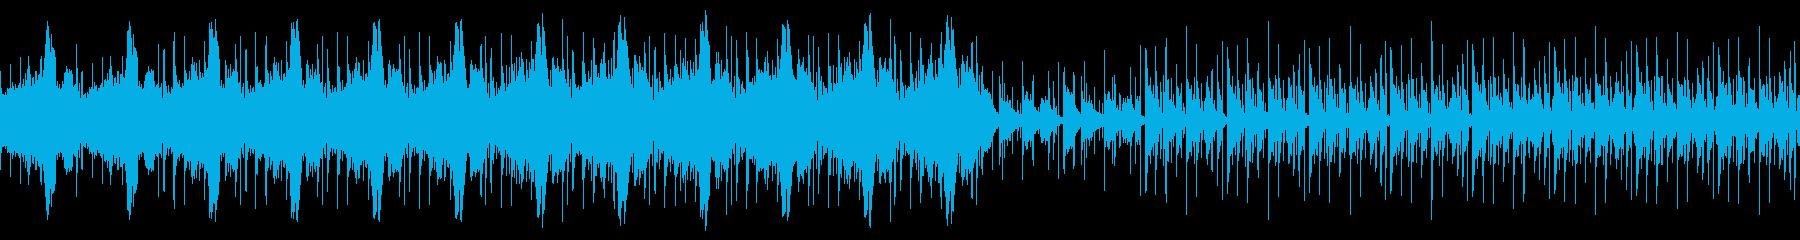 【高クオリティ】ダークダンジョン・暗めの再生済みの波形